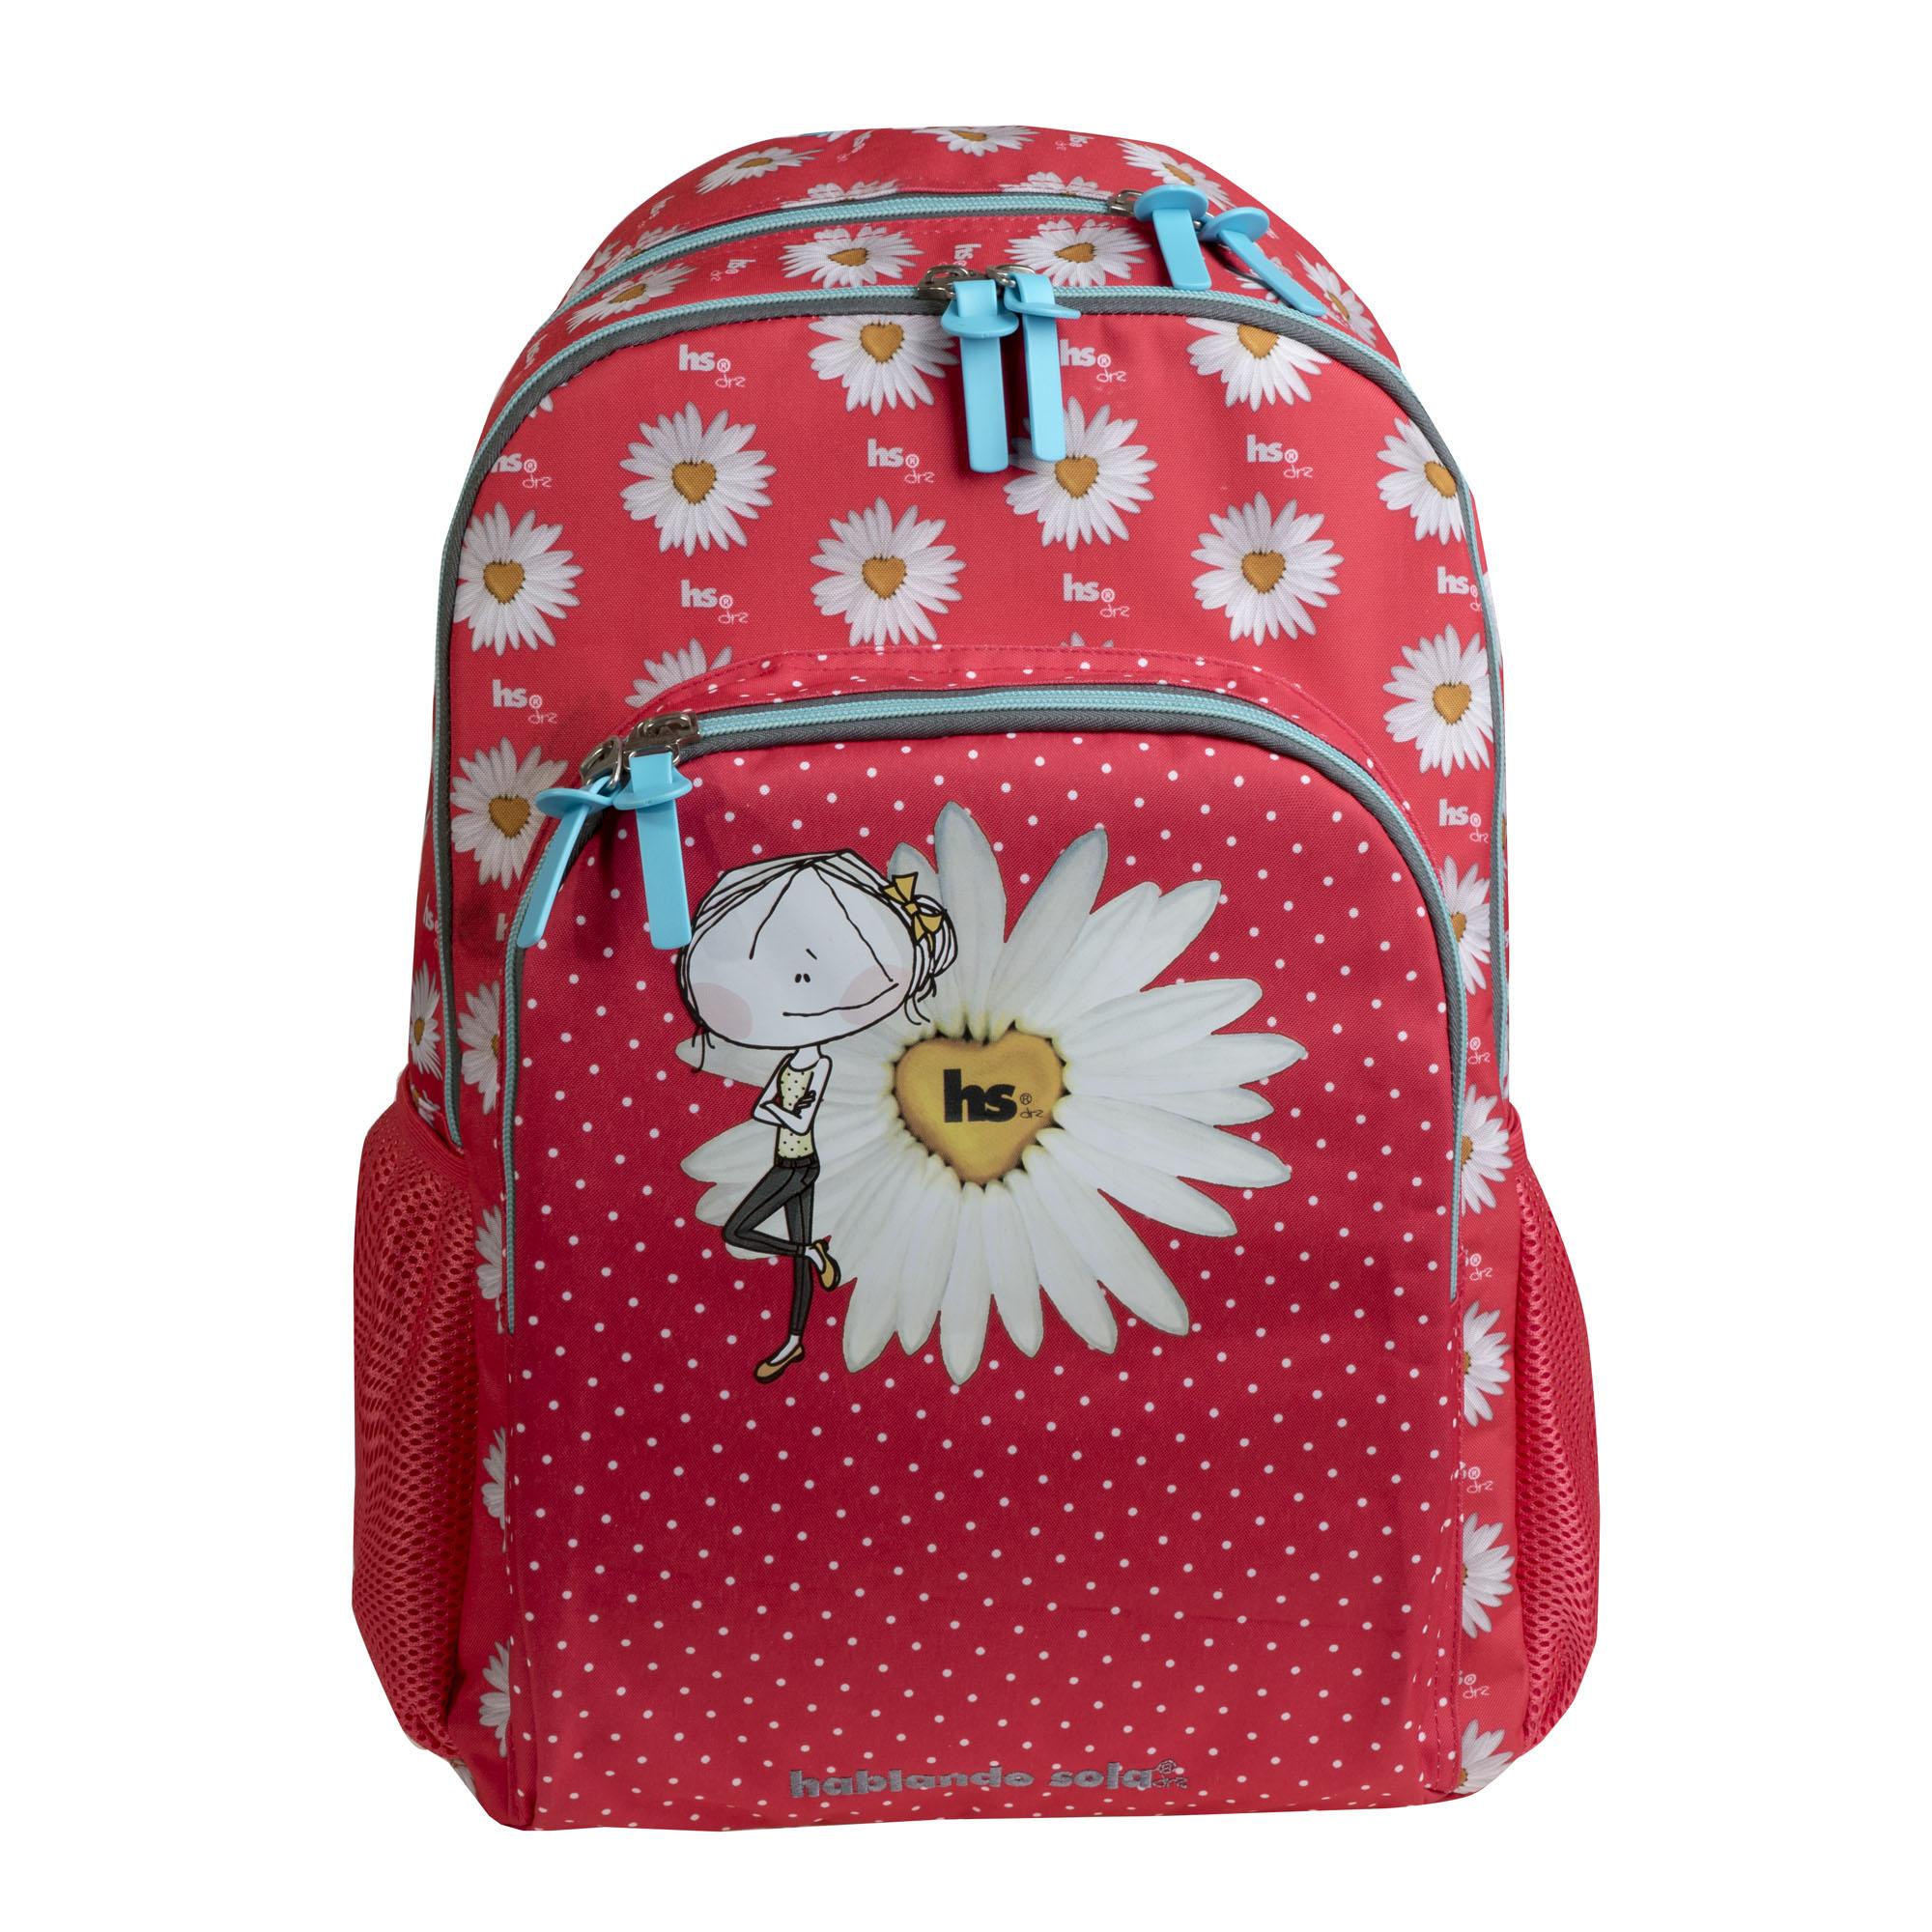 Školní batohy pro holky